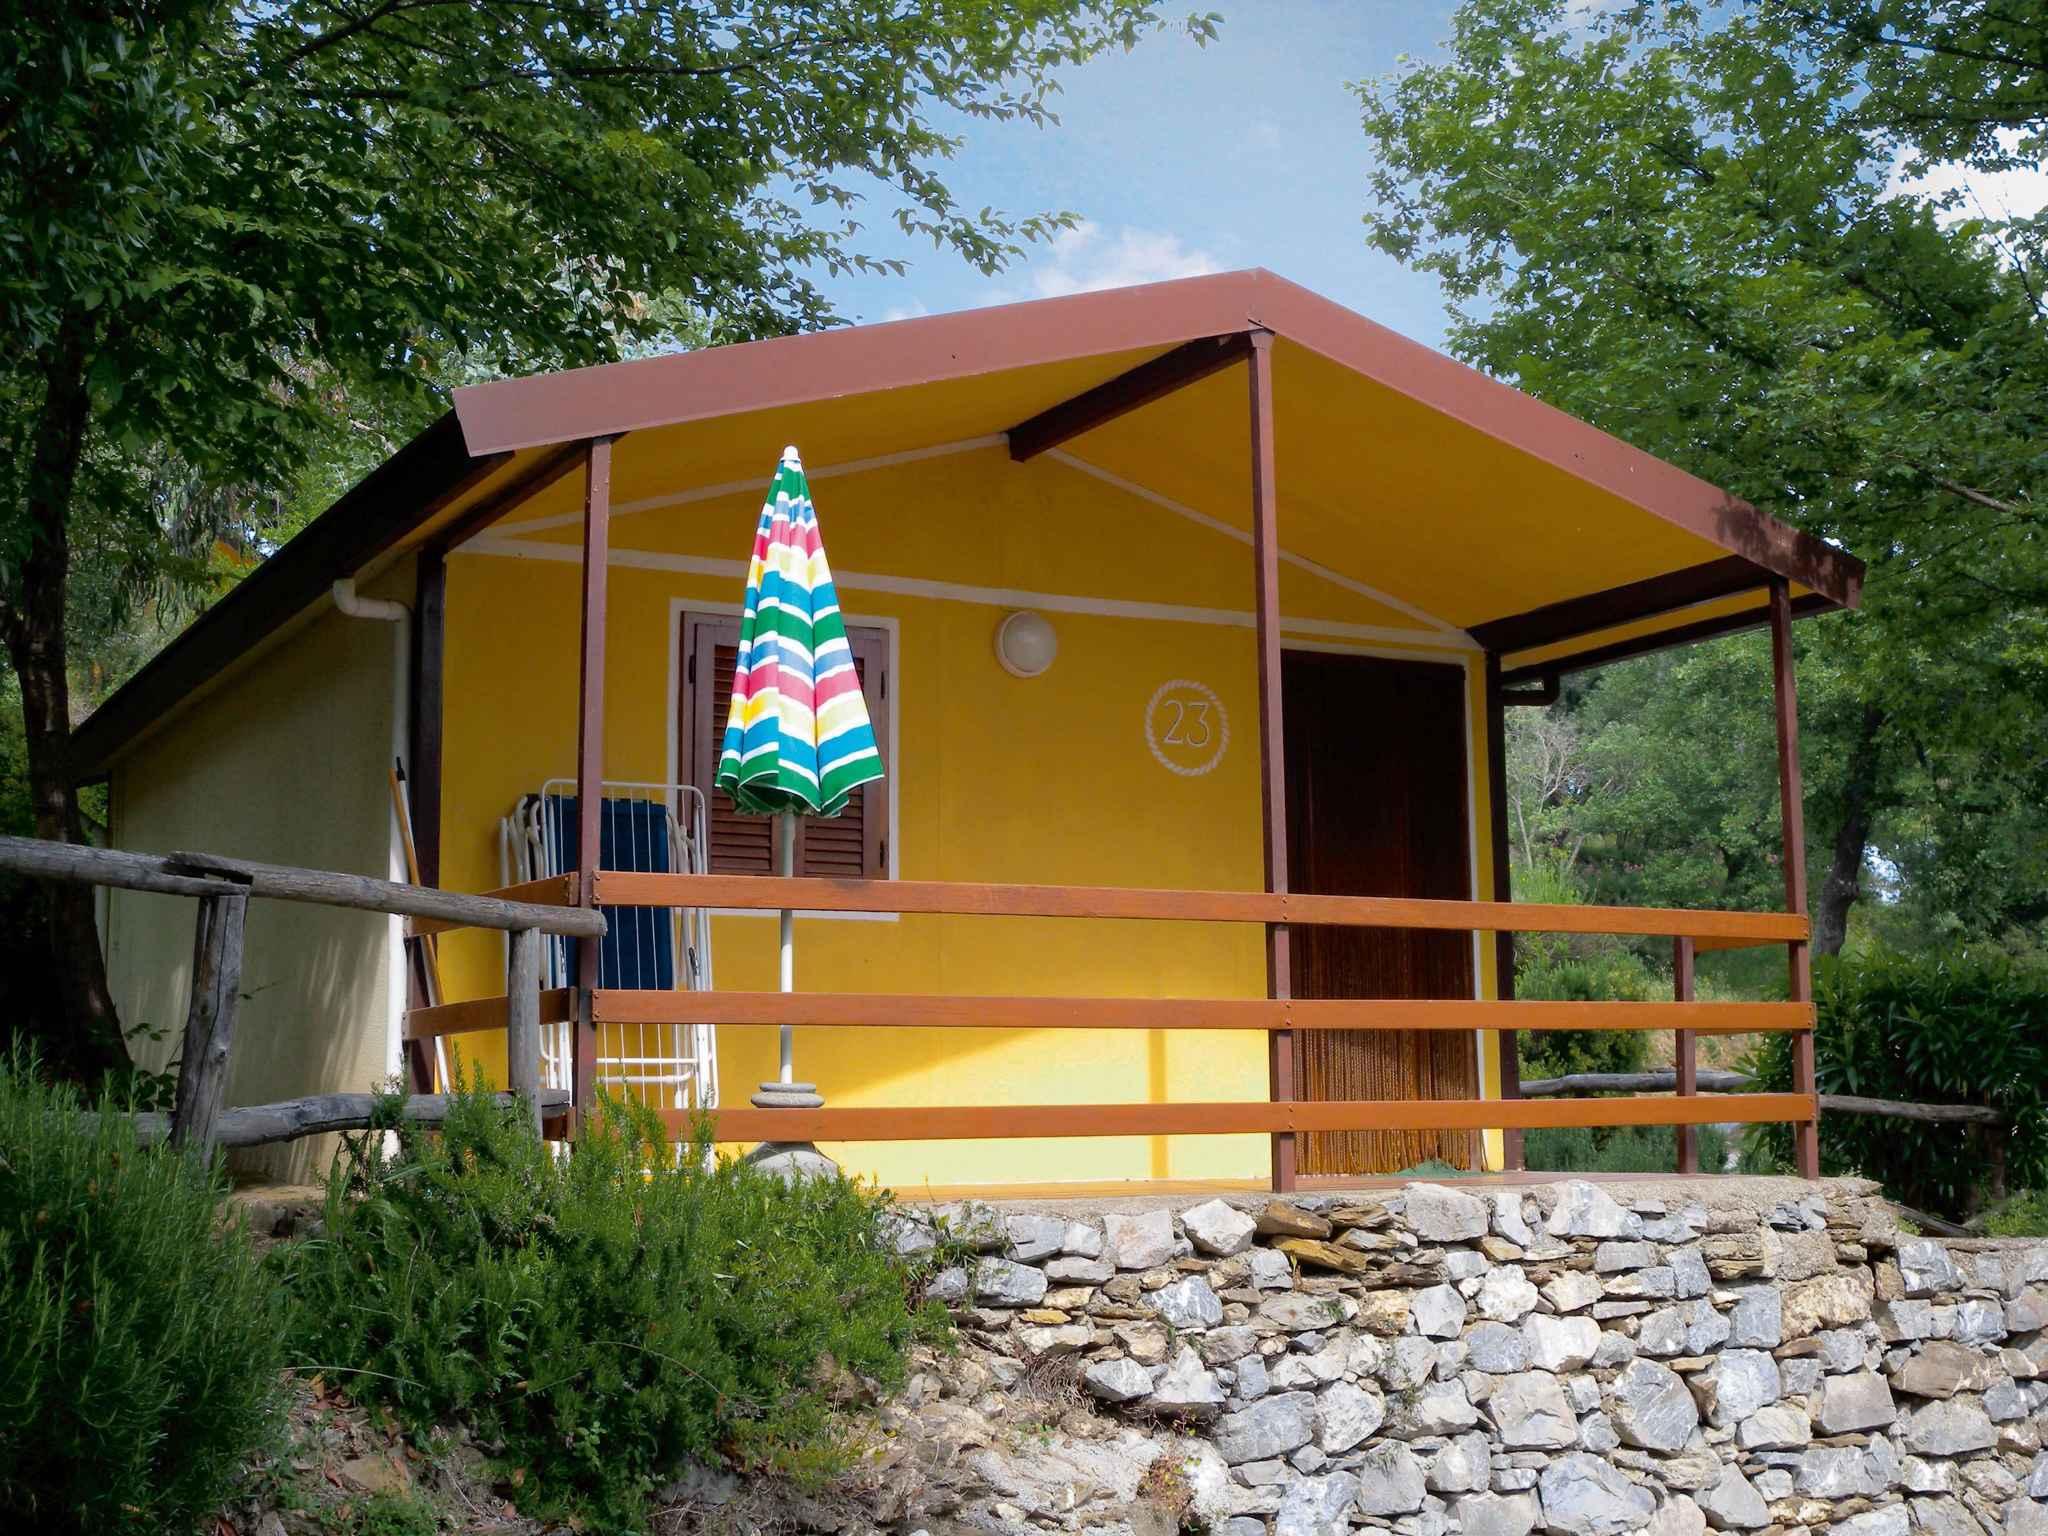 Mobilehome C'era una Volta Ferienhaus in Italien